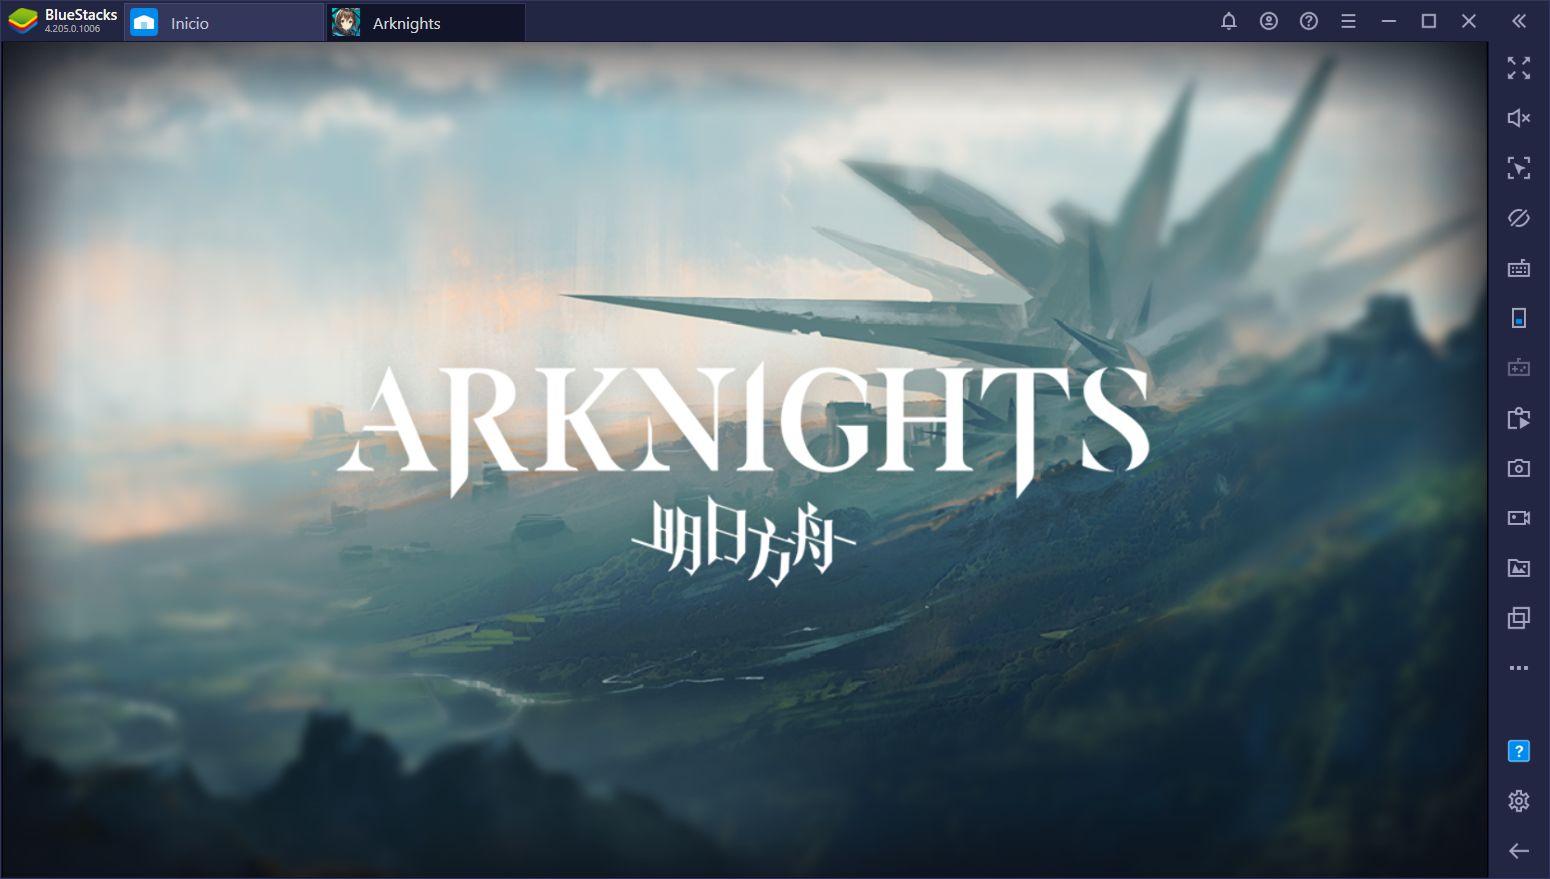 Arknights en PC - Una Compilación de Consejos, Guías, y Tier Lists Sobre Este Juego de Tower Defense